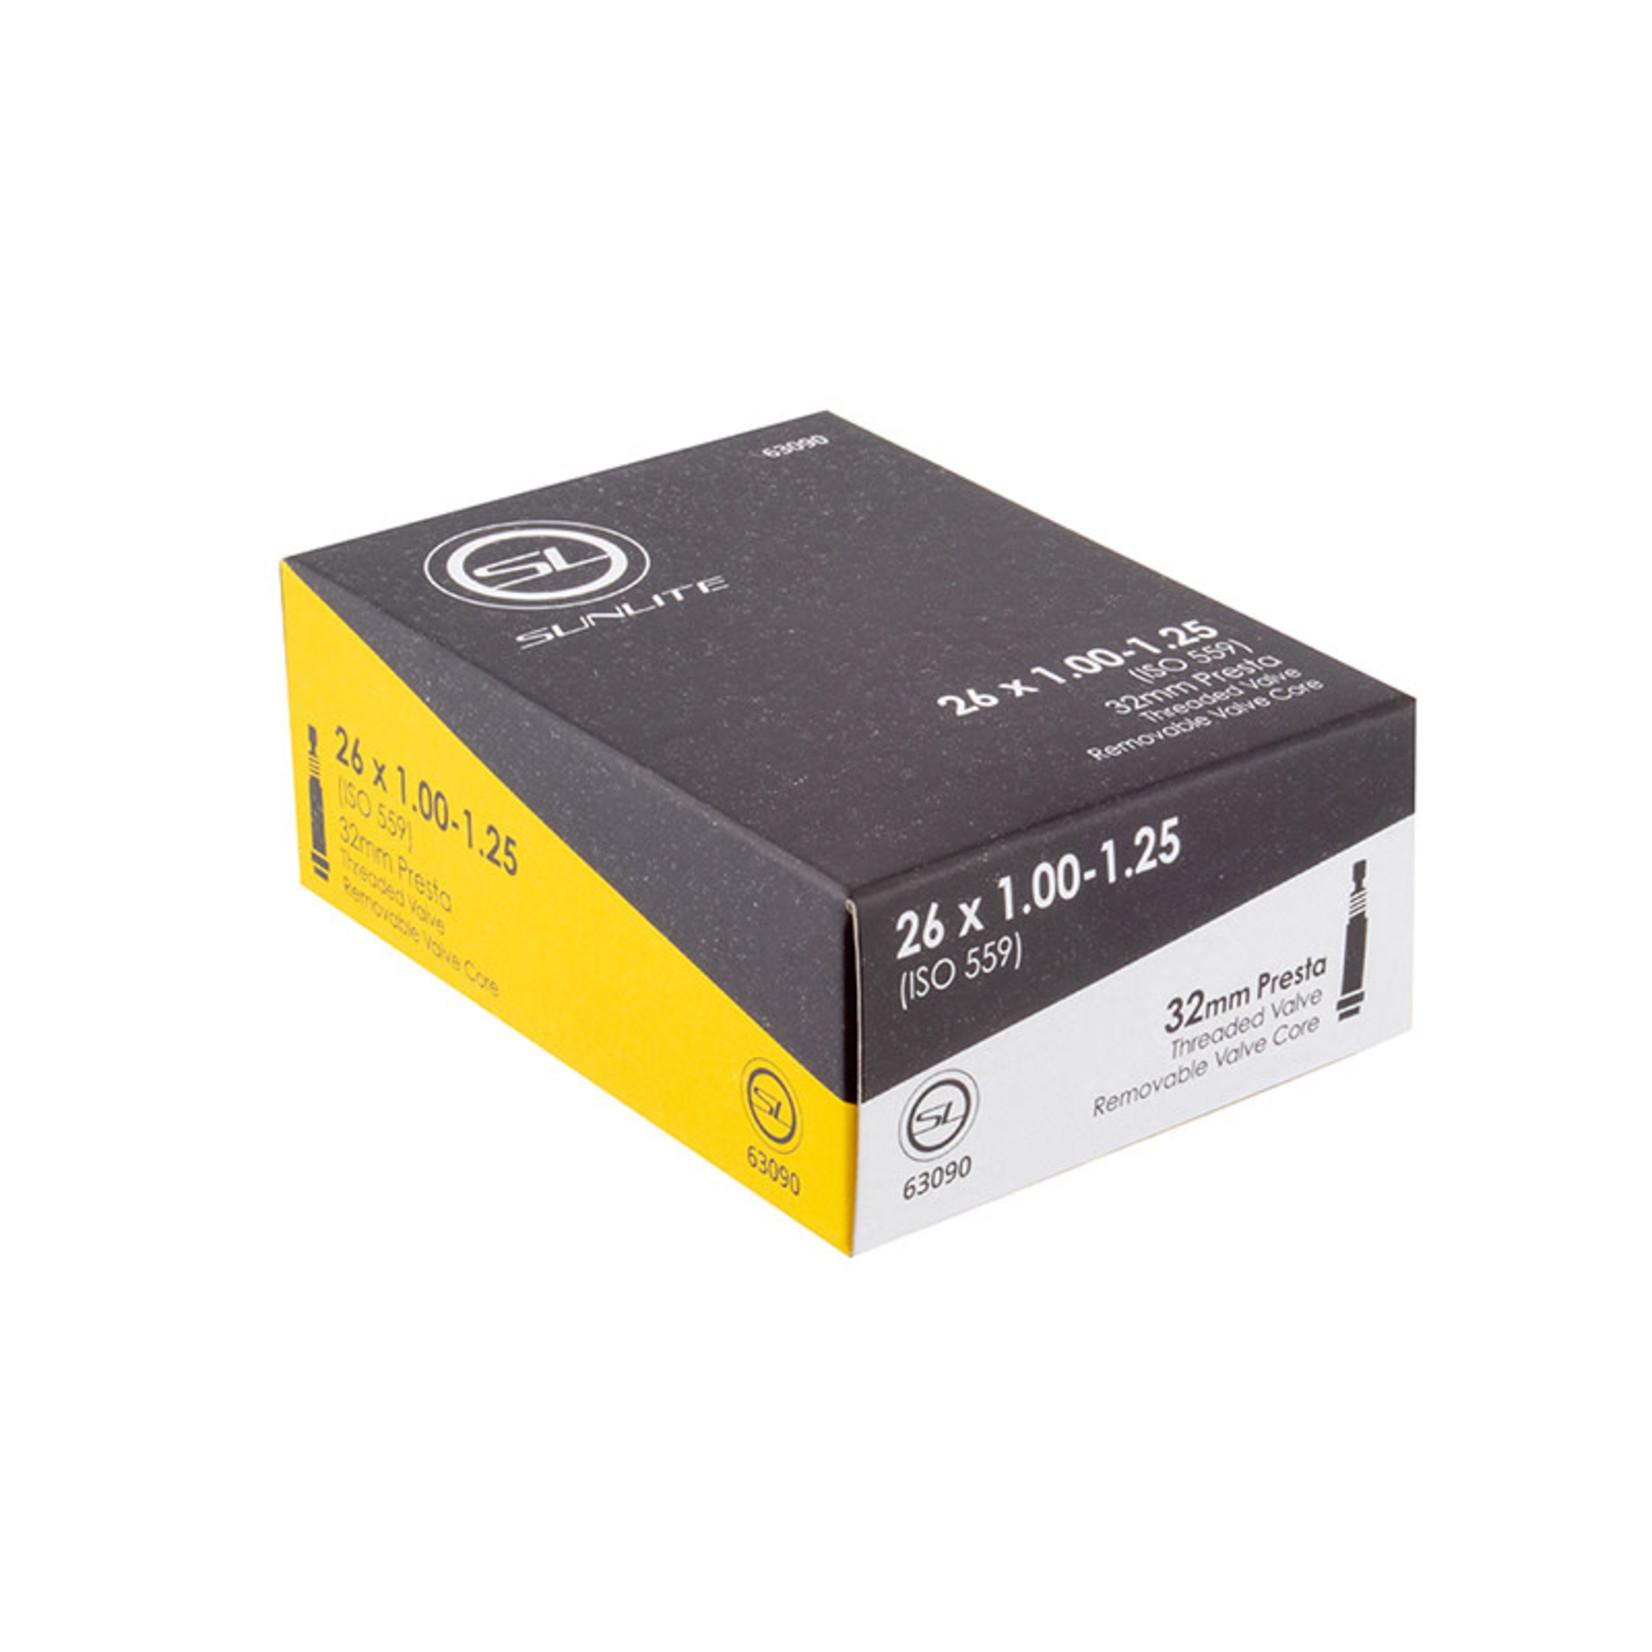 TUBES SUNLT 26x1.00-1.25 PV32/THRD/RC FFW33mm